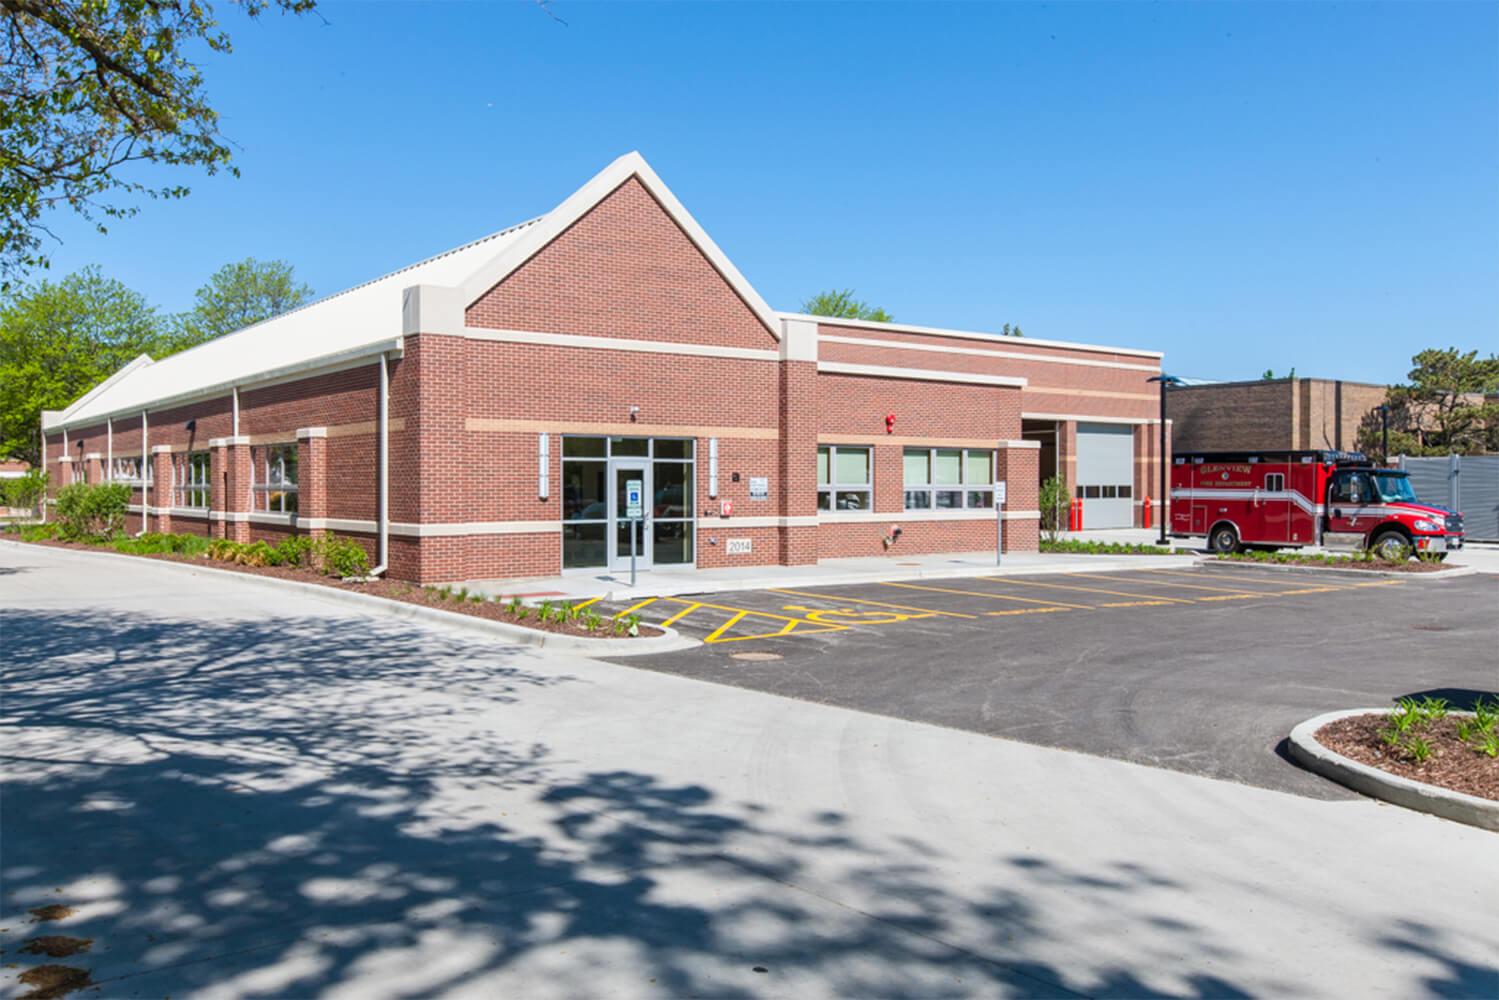 Glenview Fire Station Headquarters exterior 3